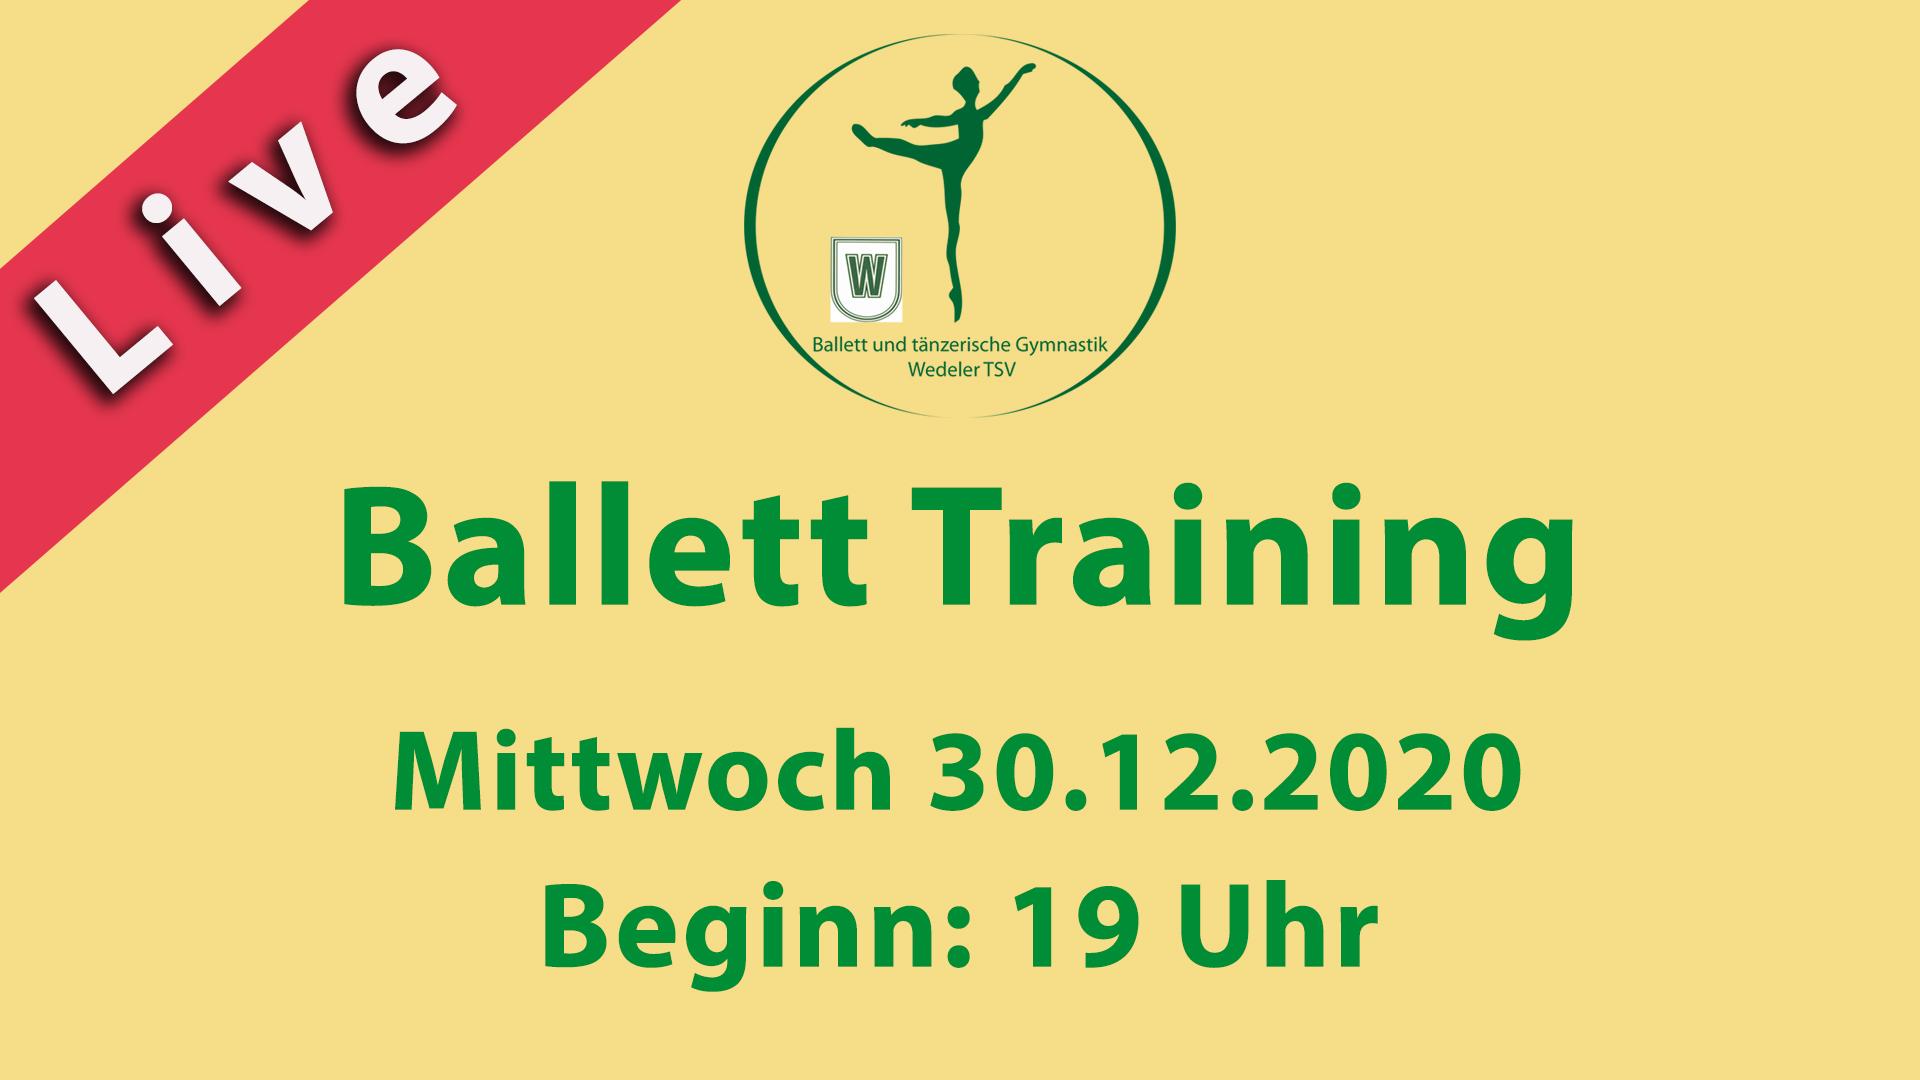 Ballett Training Livestream 30.12.2020